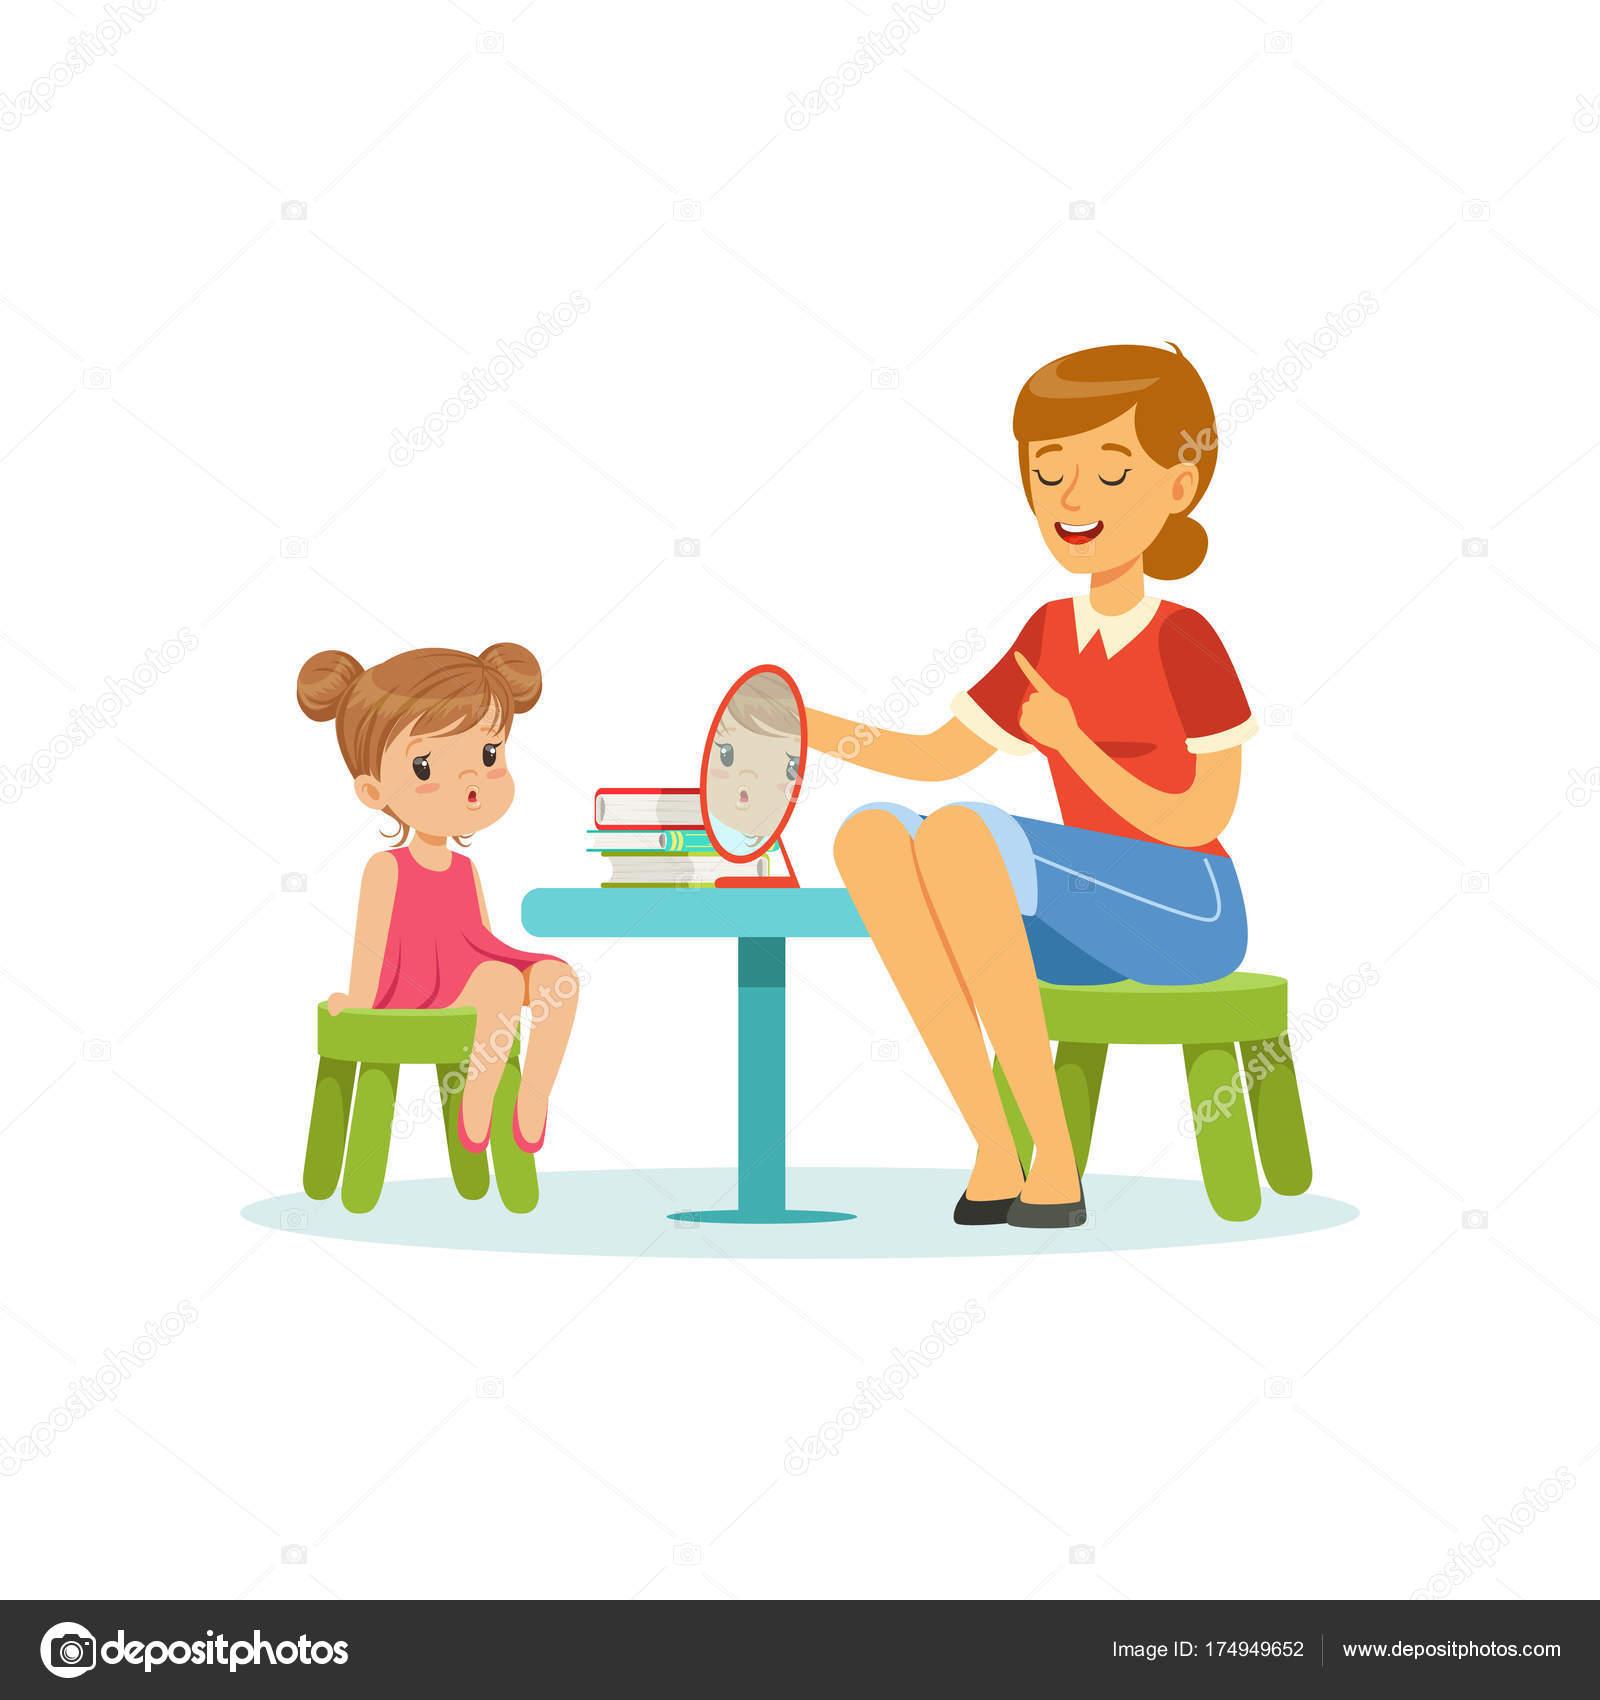 Especialista en lenguaje y enseñanza de niña correcta pronunciación de las  letras. Desarrollo racional del discurso del niño. Personajes de dibujos  animados ... 430880cde1e